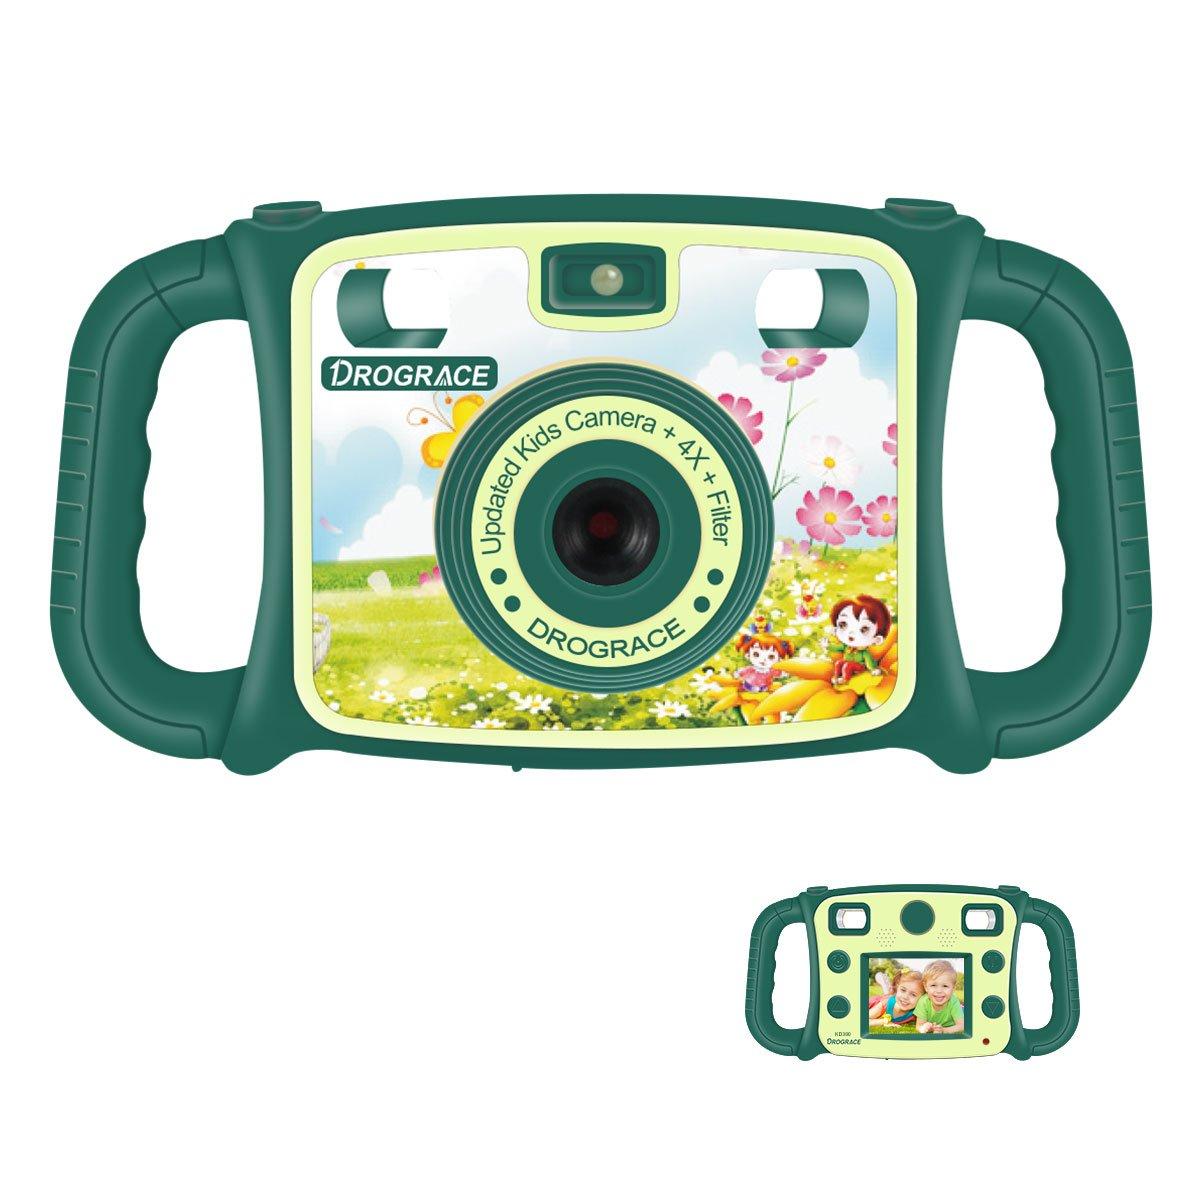 DROGRACE Kinderkamera 1080P HD Digital Videokamera mit 4X Zoom, Blitz, eingebautem Mikrofon Lautsprecher, 2-Zoll-Bildschirm, Drop-Resistente Griffe und Spiel für Jungen Mädchen Geburtstag Weihnachtsgeschenk - Grün (EU Stock)